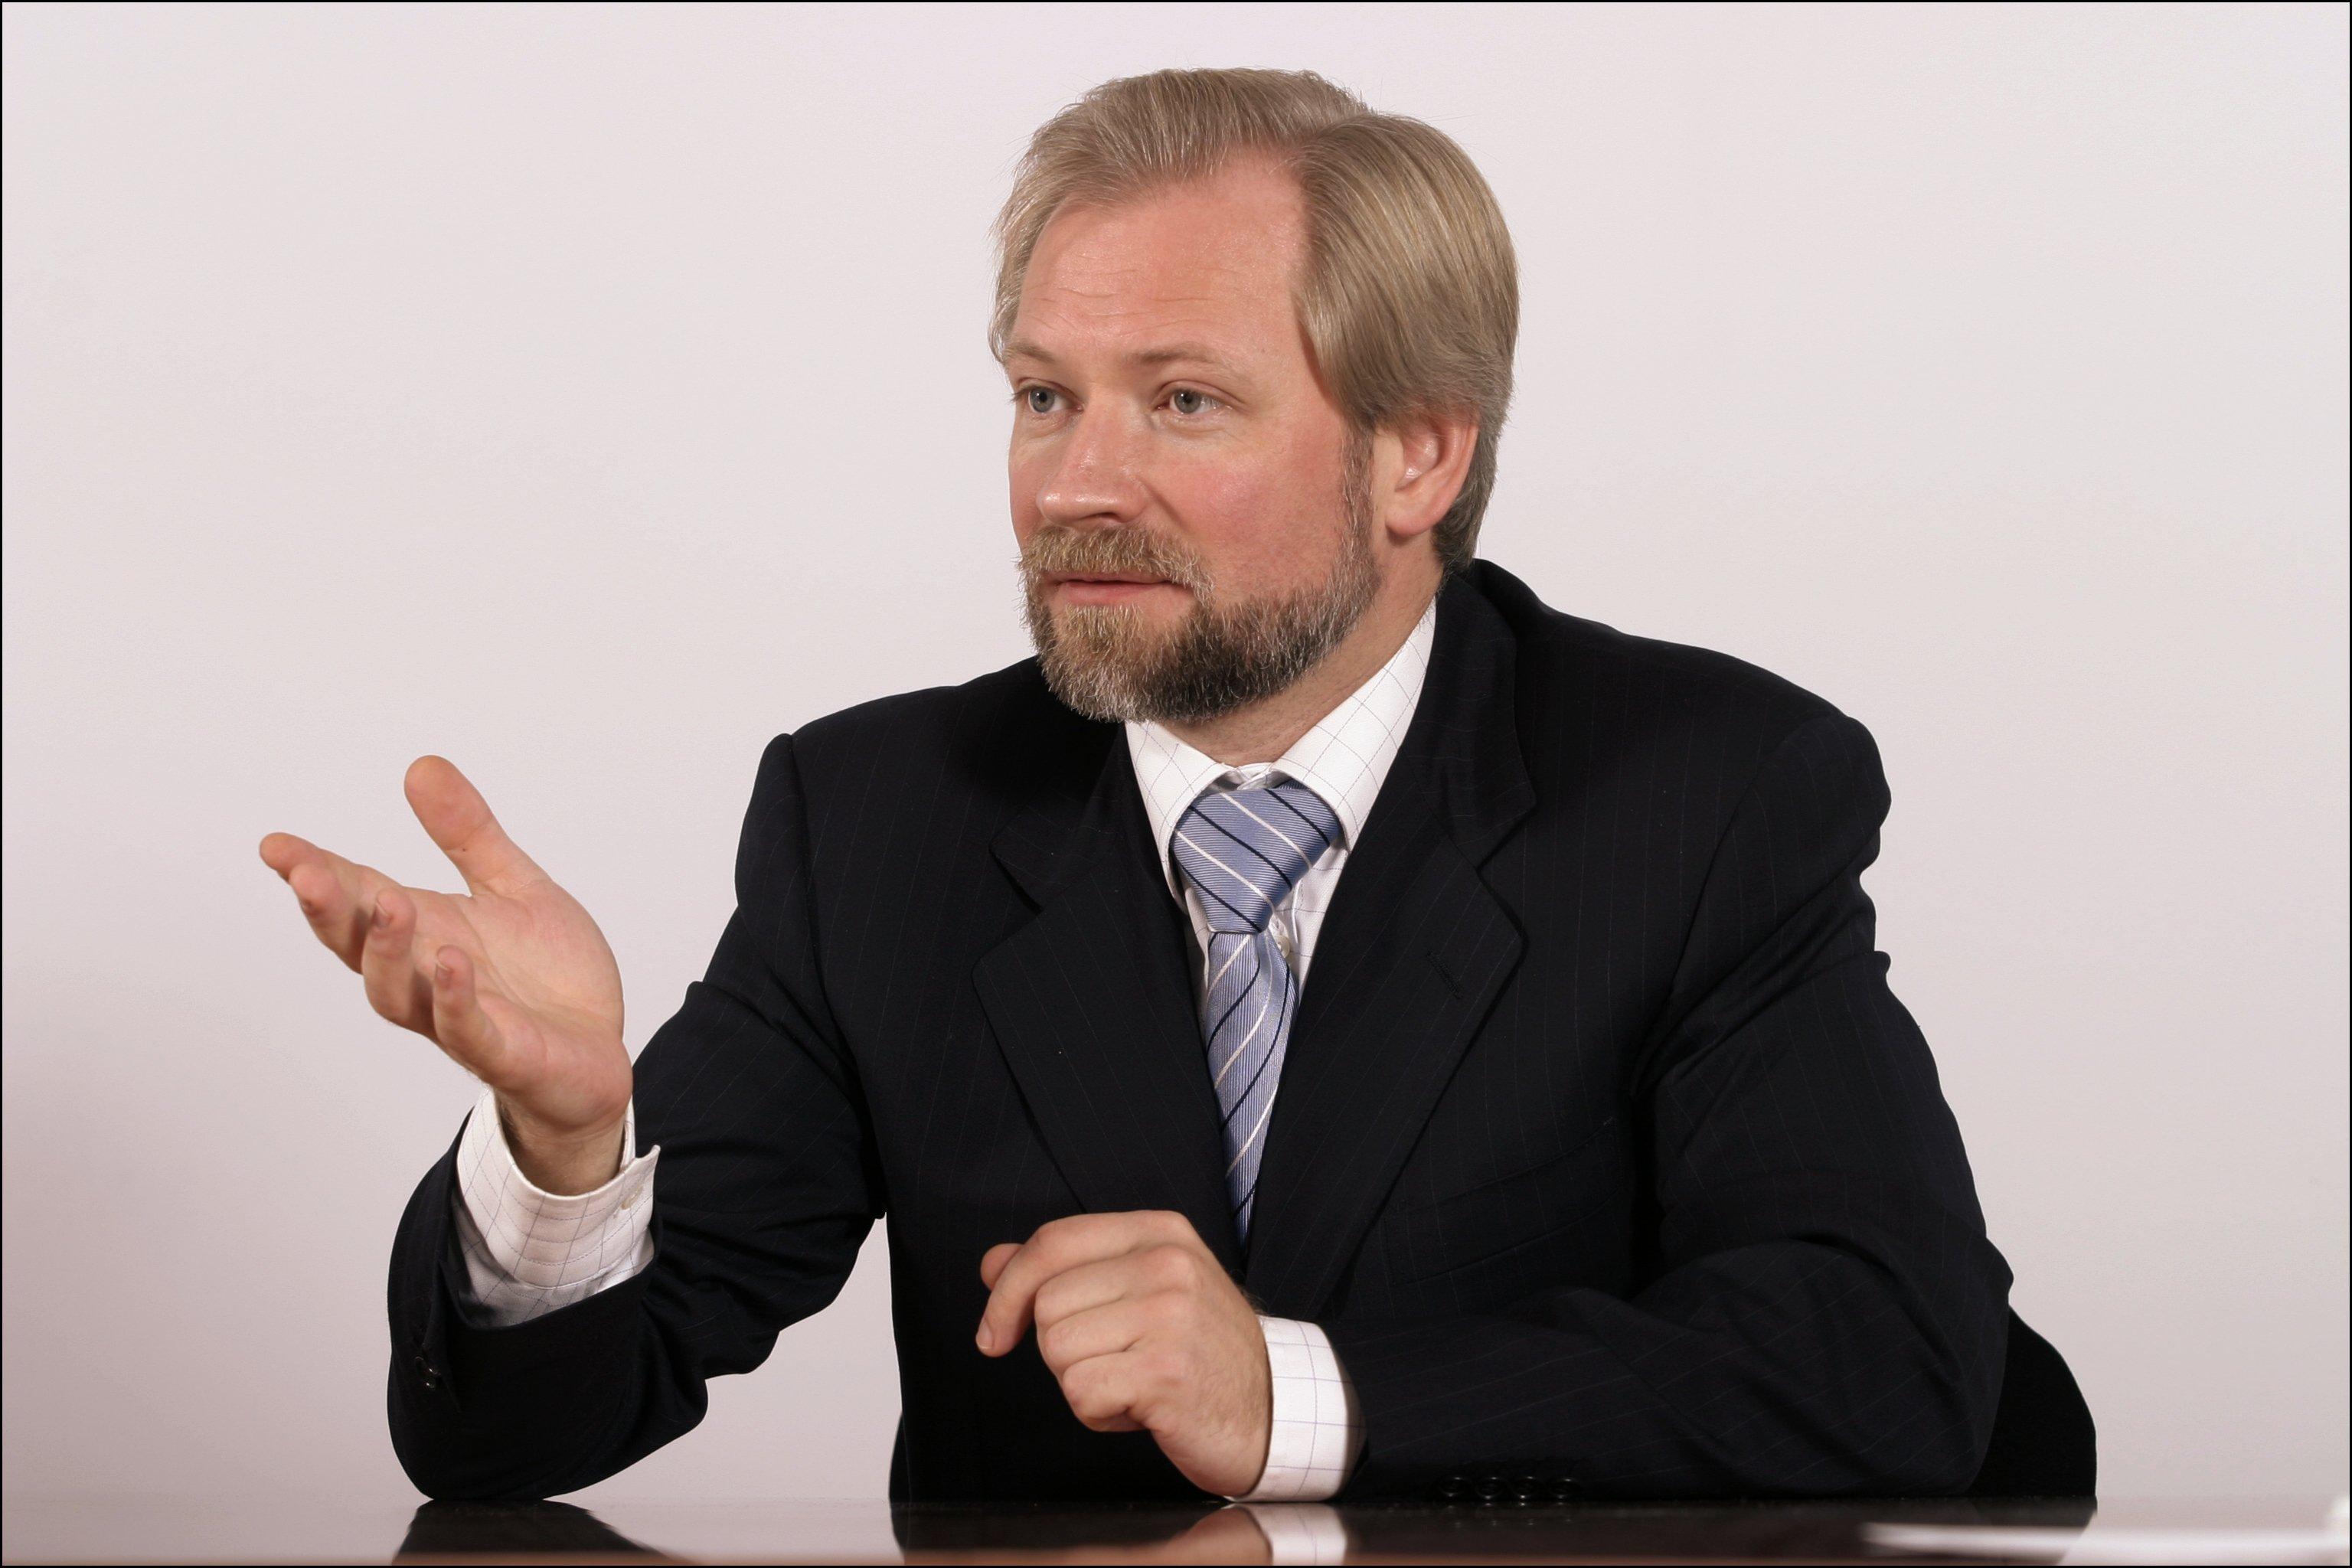 Директор по связям с государственными органами, работе с естественными монополиями и обеспечению мер по защите ресурсов ОК Русал Вадим Гераскин